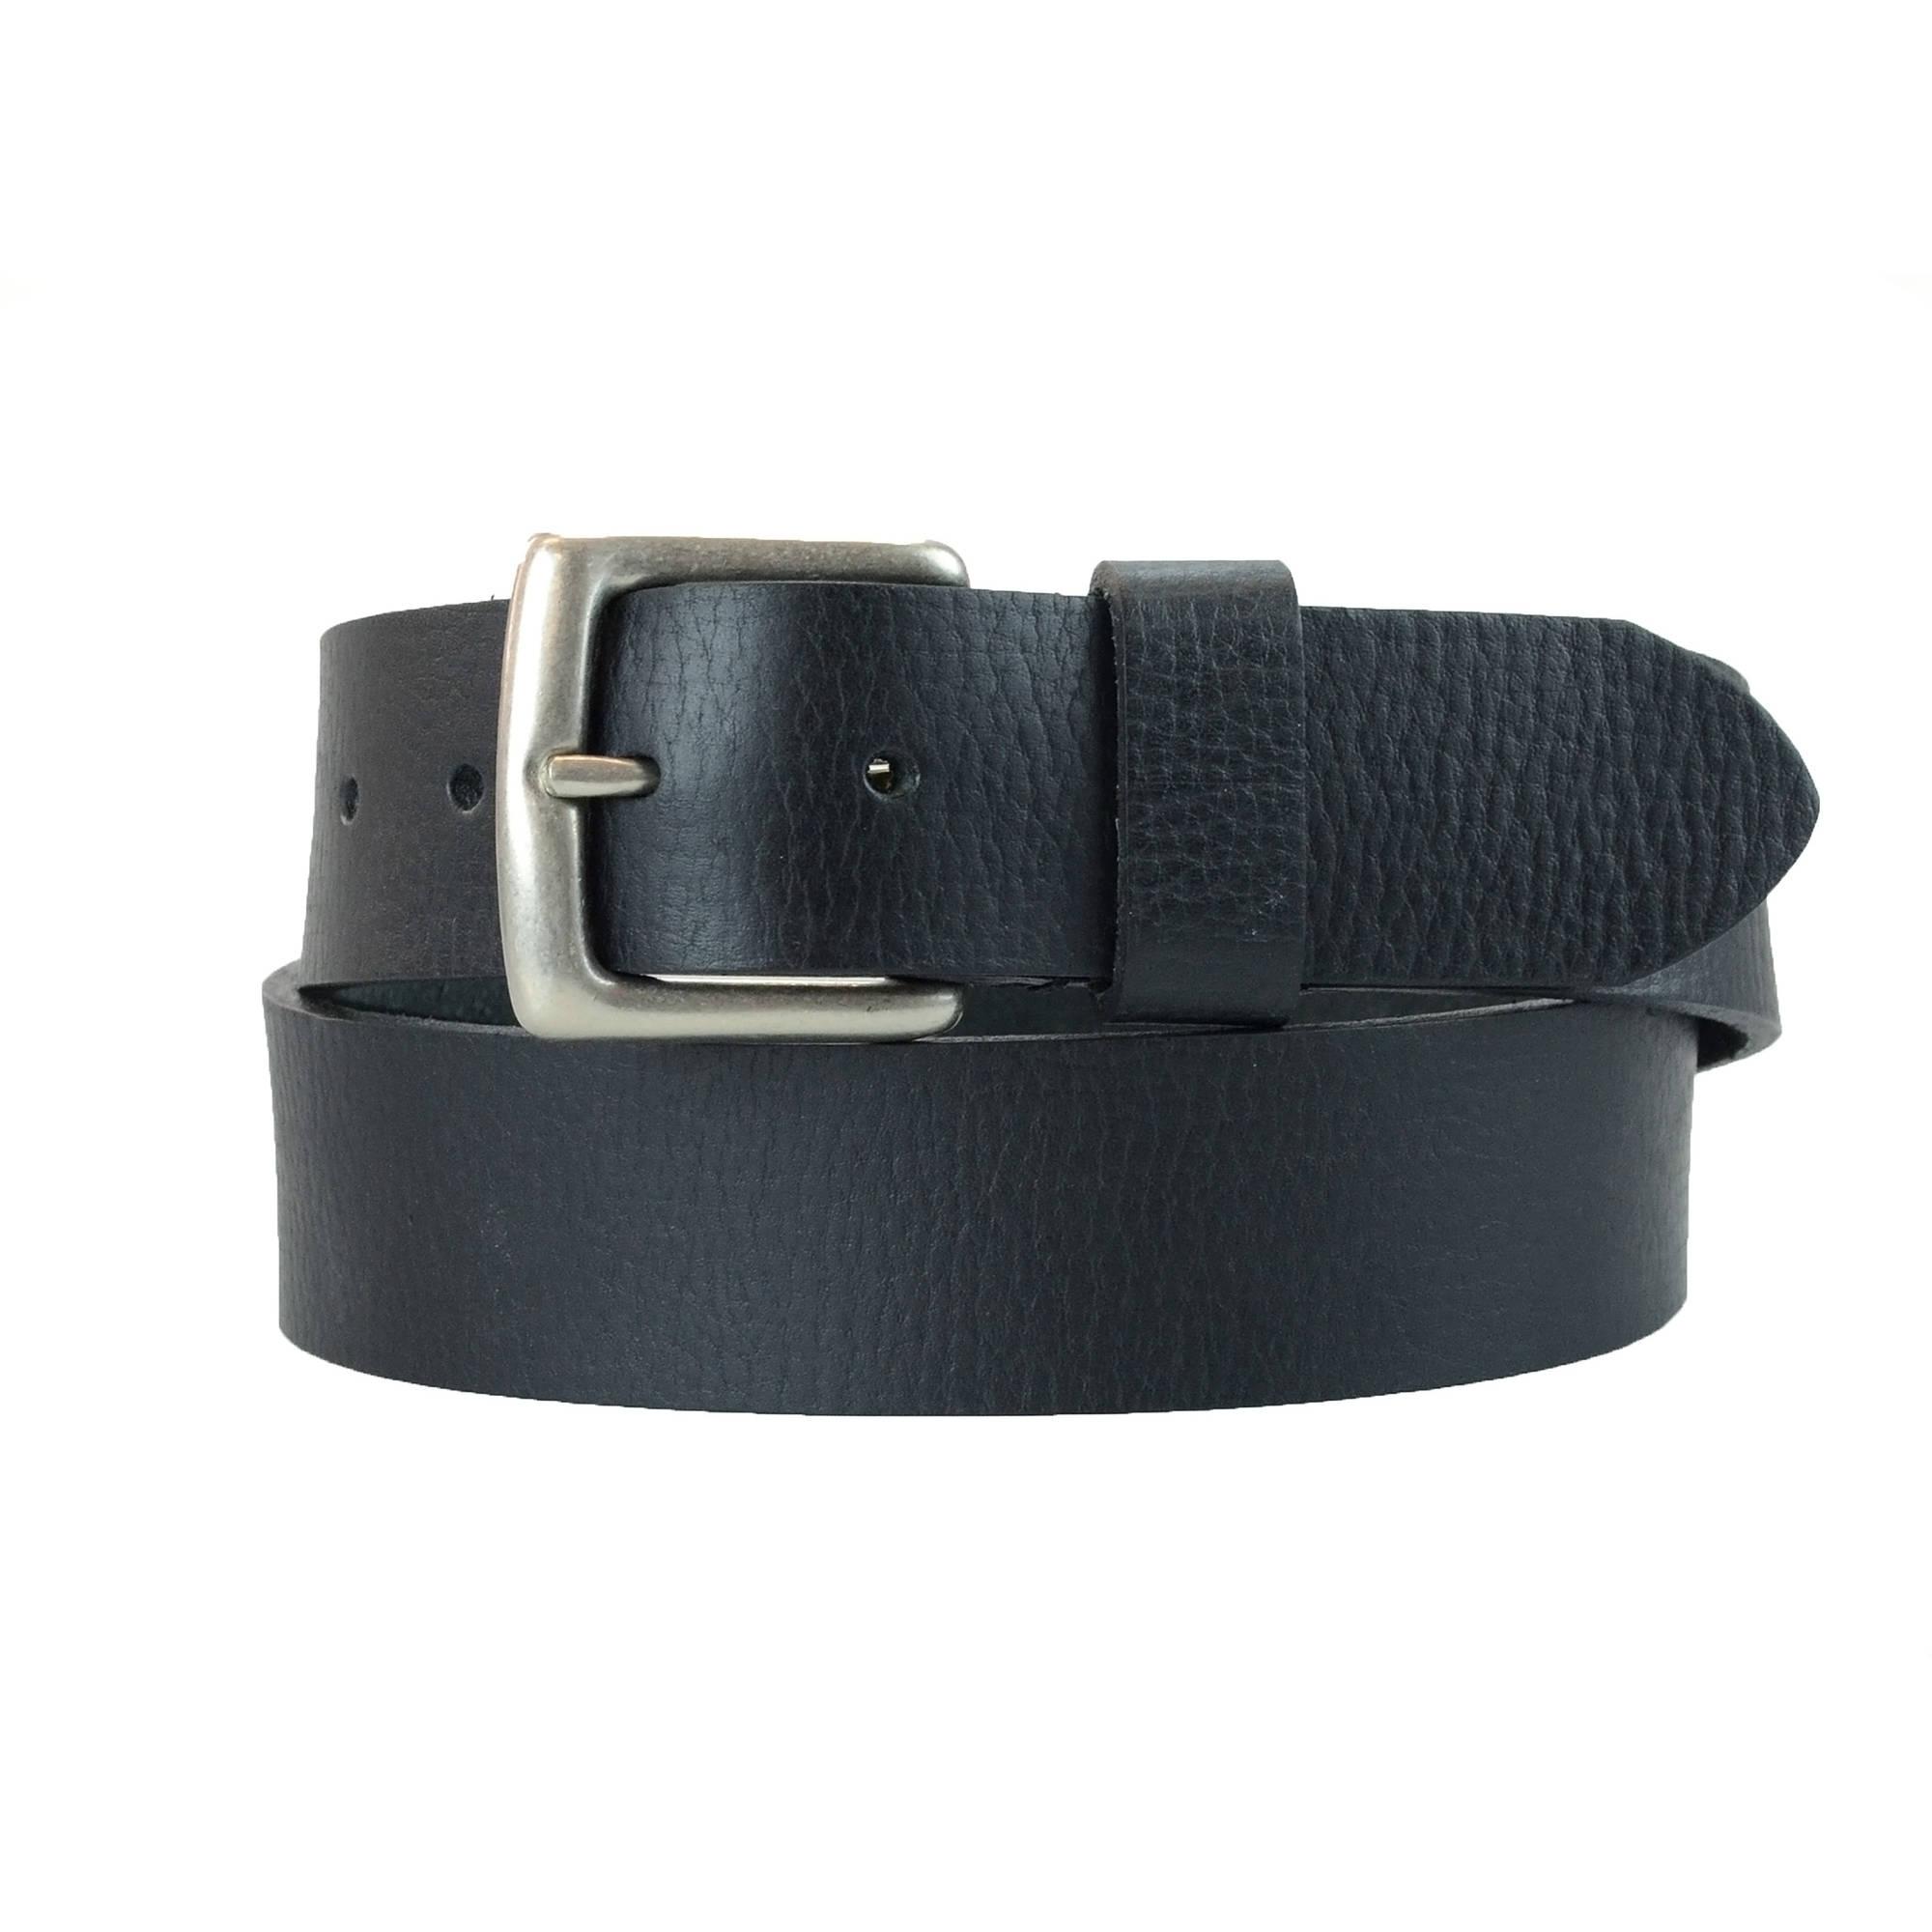 W 48 In Conveyor Belt Black 3 Ply 330